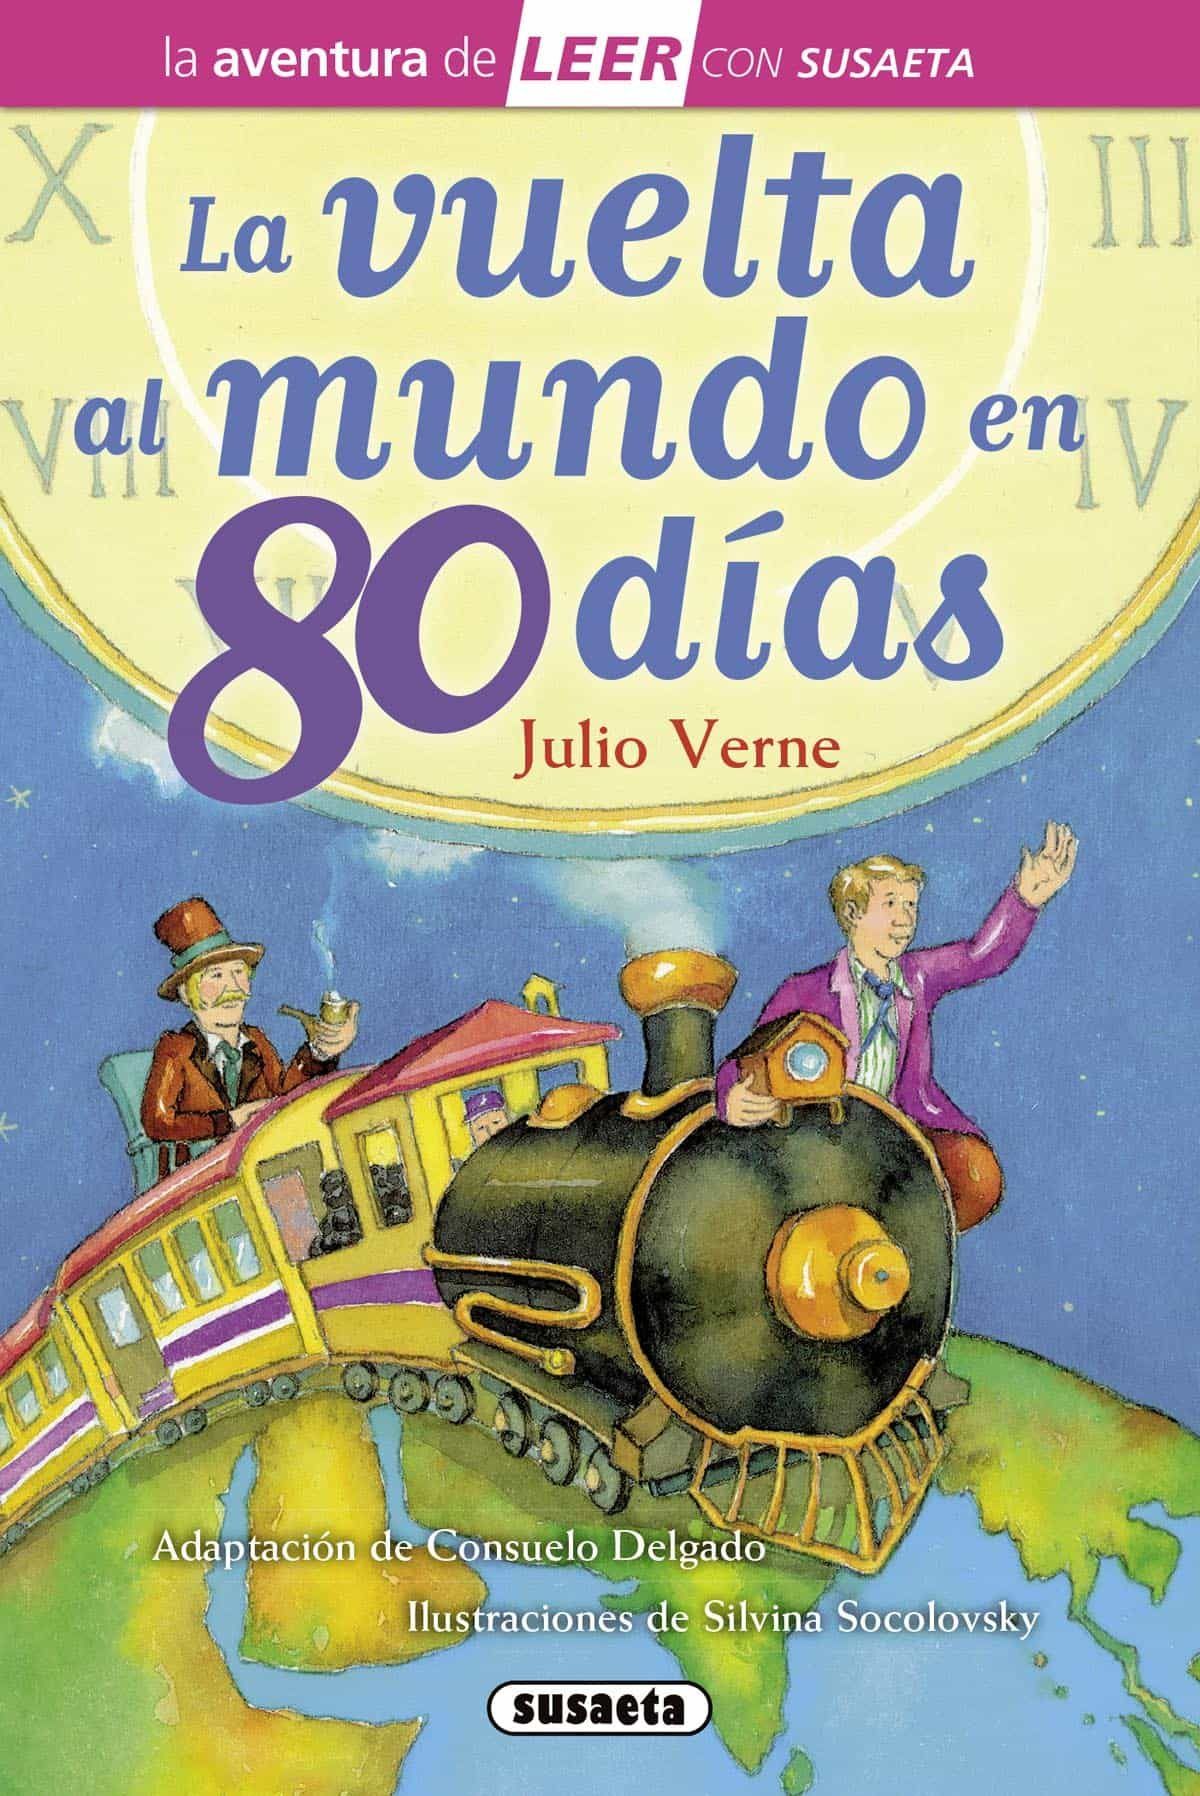 libros para ninos julio verne